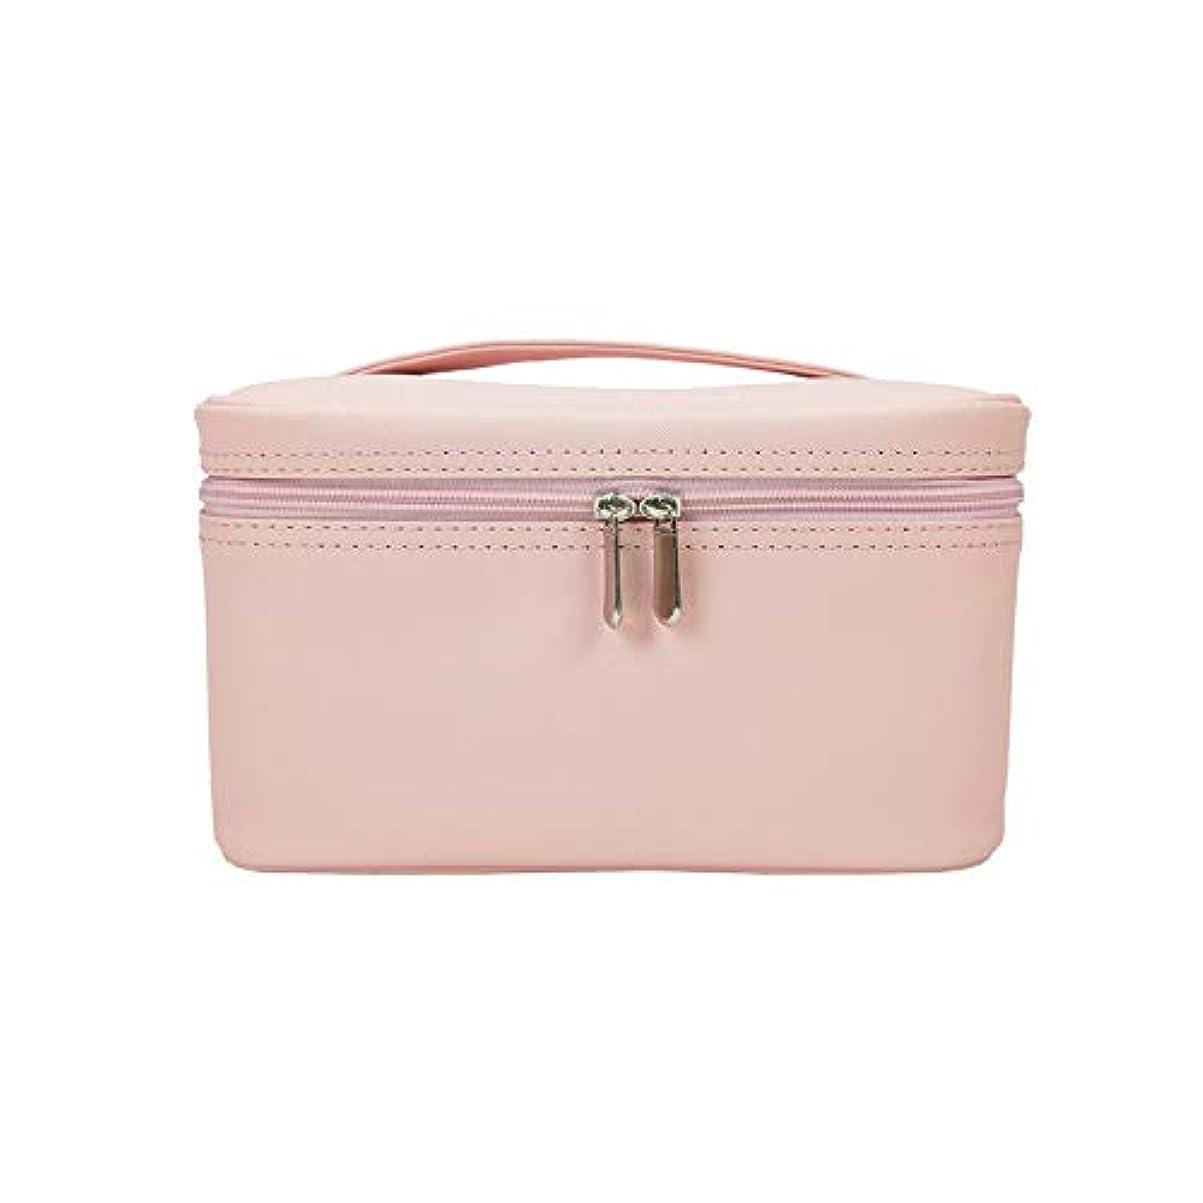 放棄された特定の狂人化粧オーガナイザーバッグ メイクアップトラベルバッグPUレター防水化粧ケースのティーン女の子の女性のアーティスト 化粧品ケース (色 : ピンク)